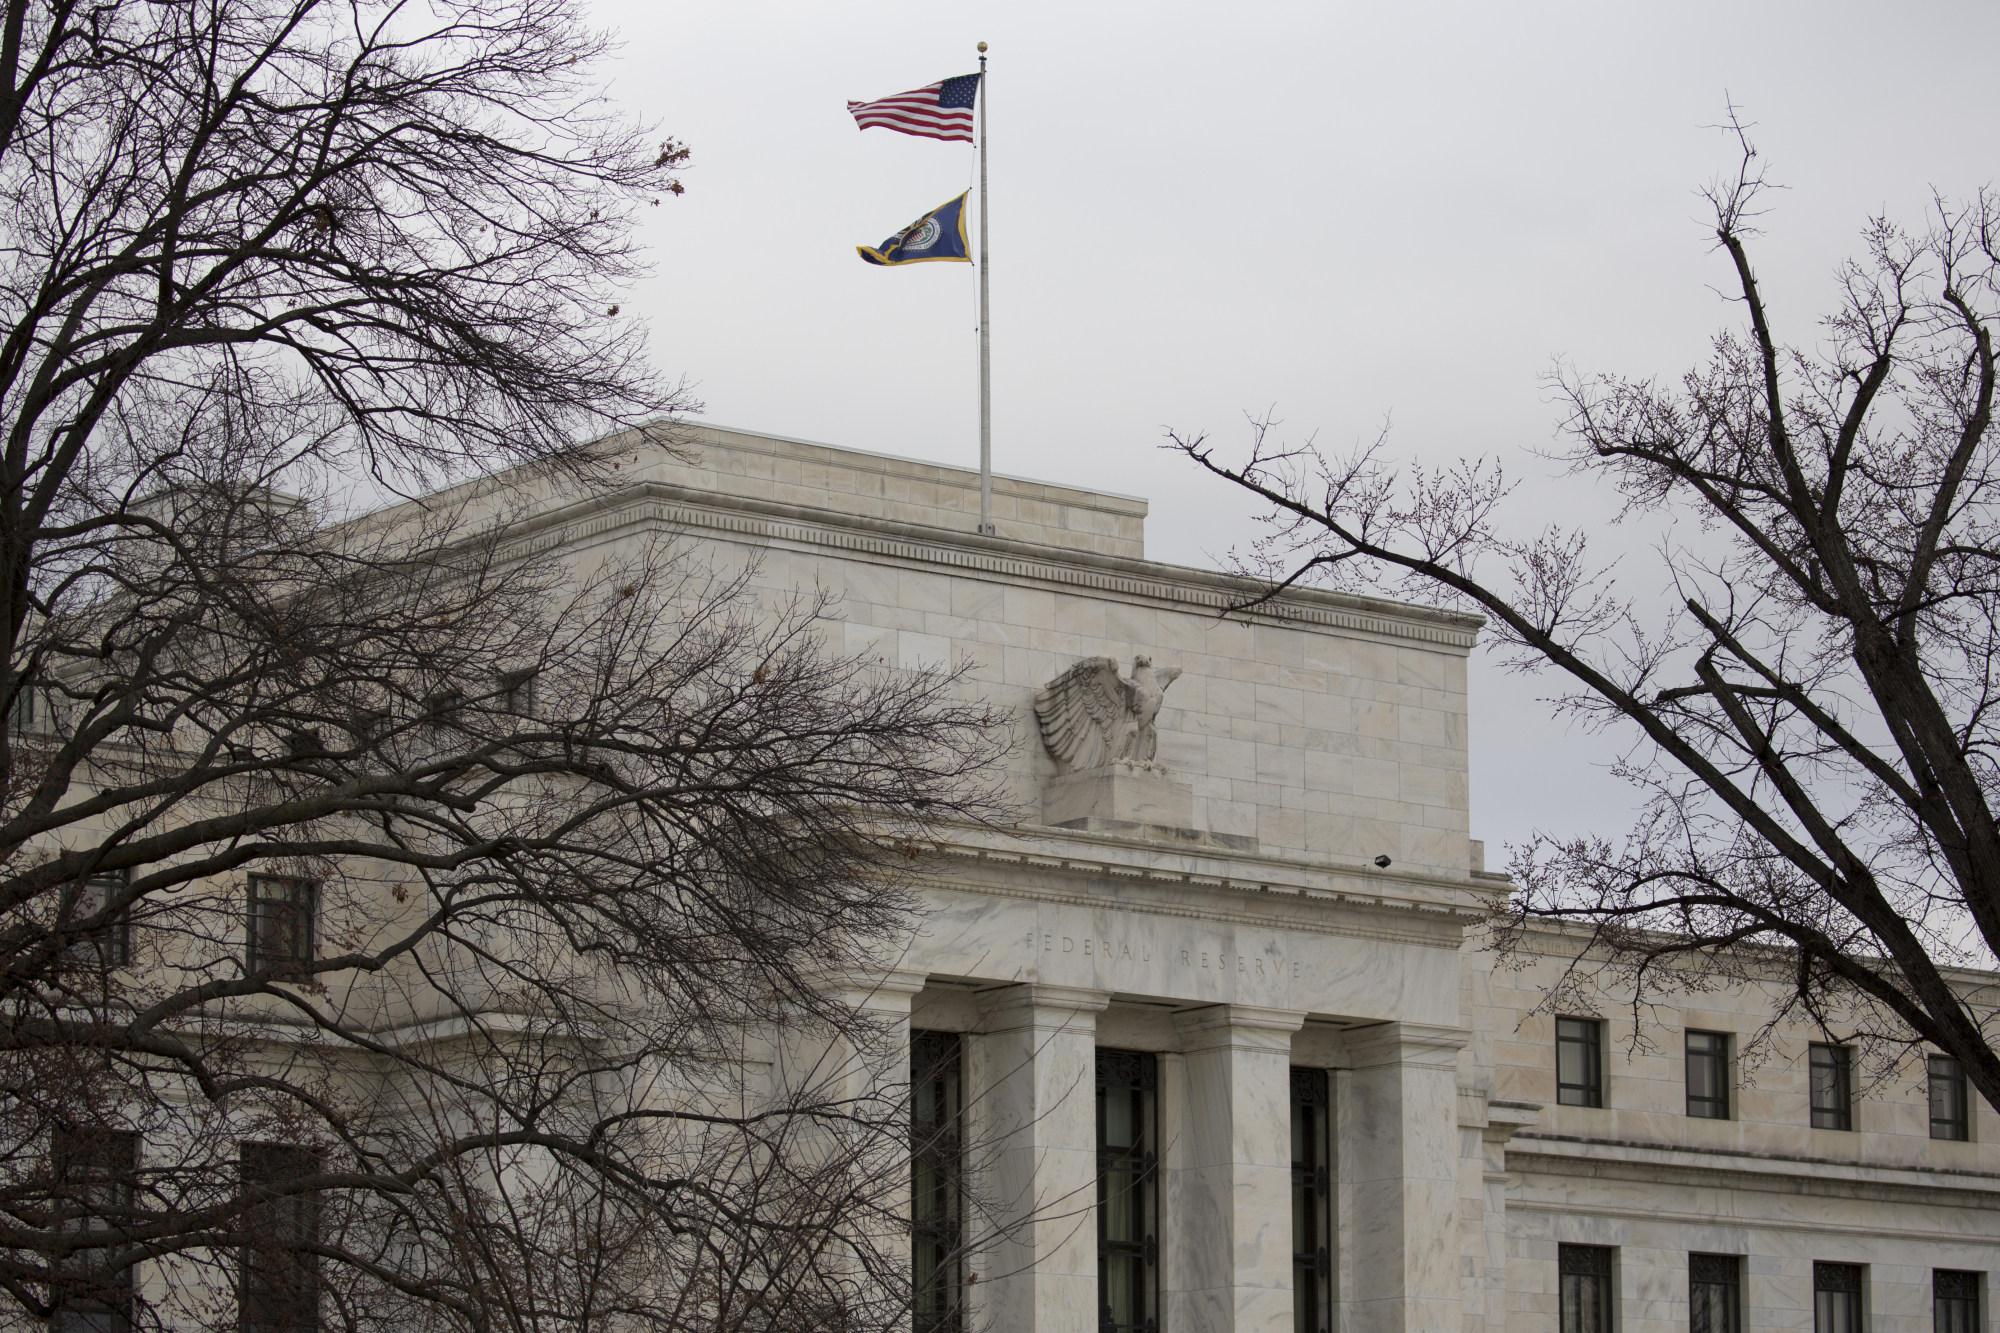 美元多头小心!华尔街预测美联储降息不断